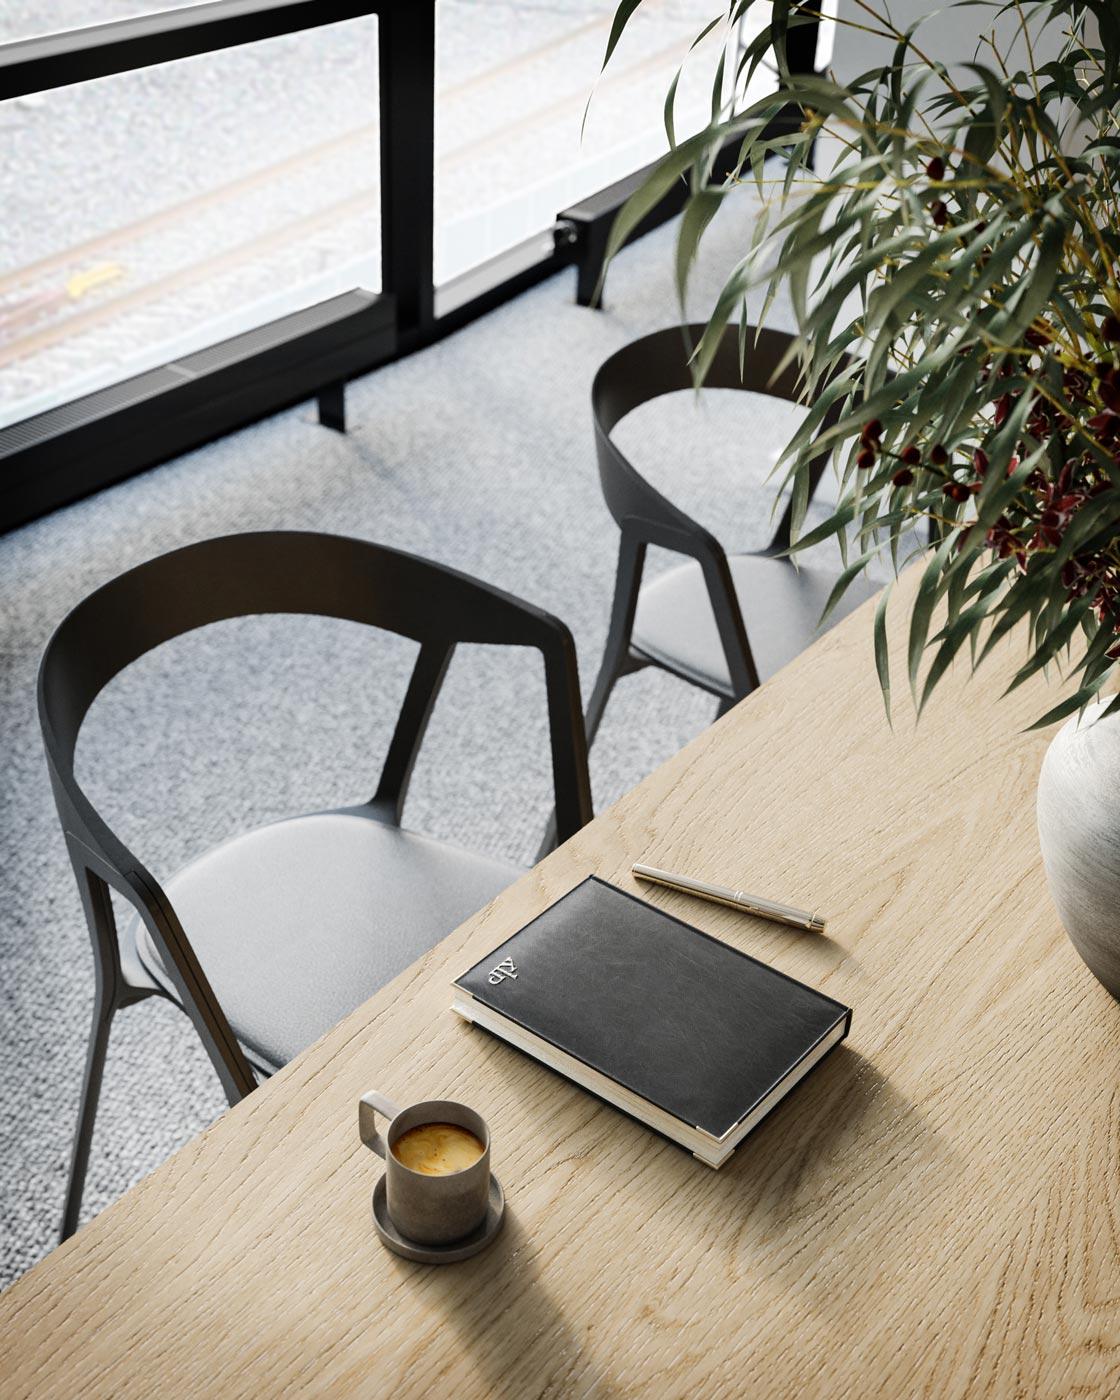 Romslige kontorplasser med gode lysforhold